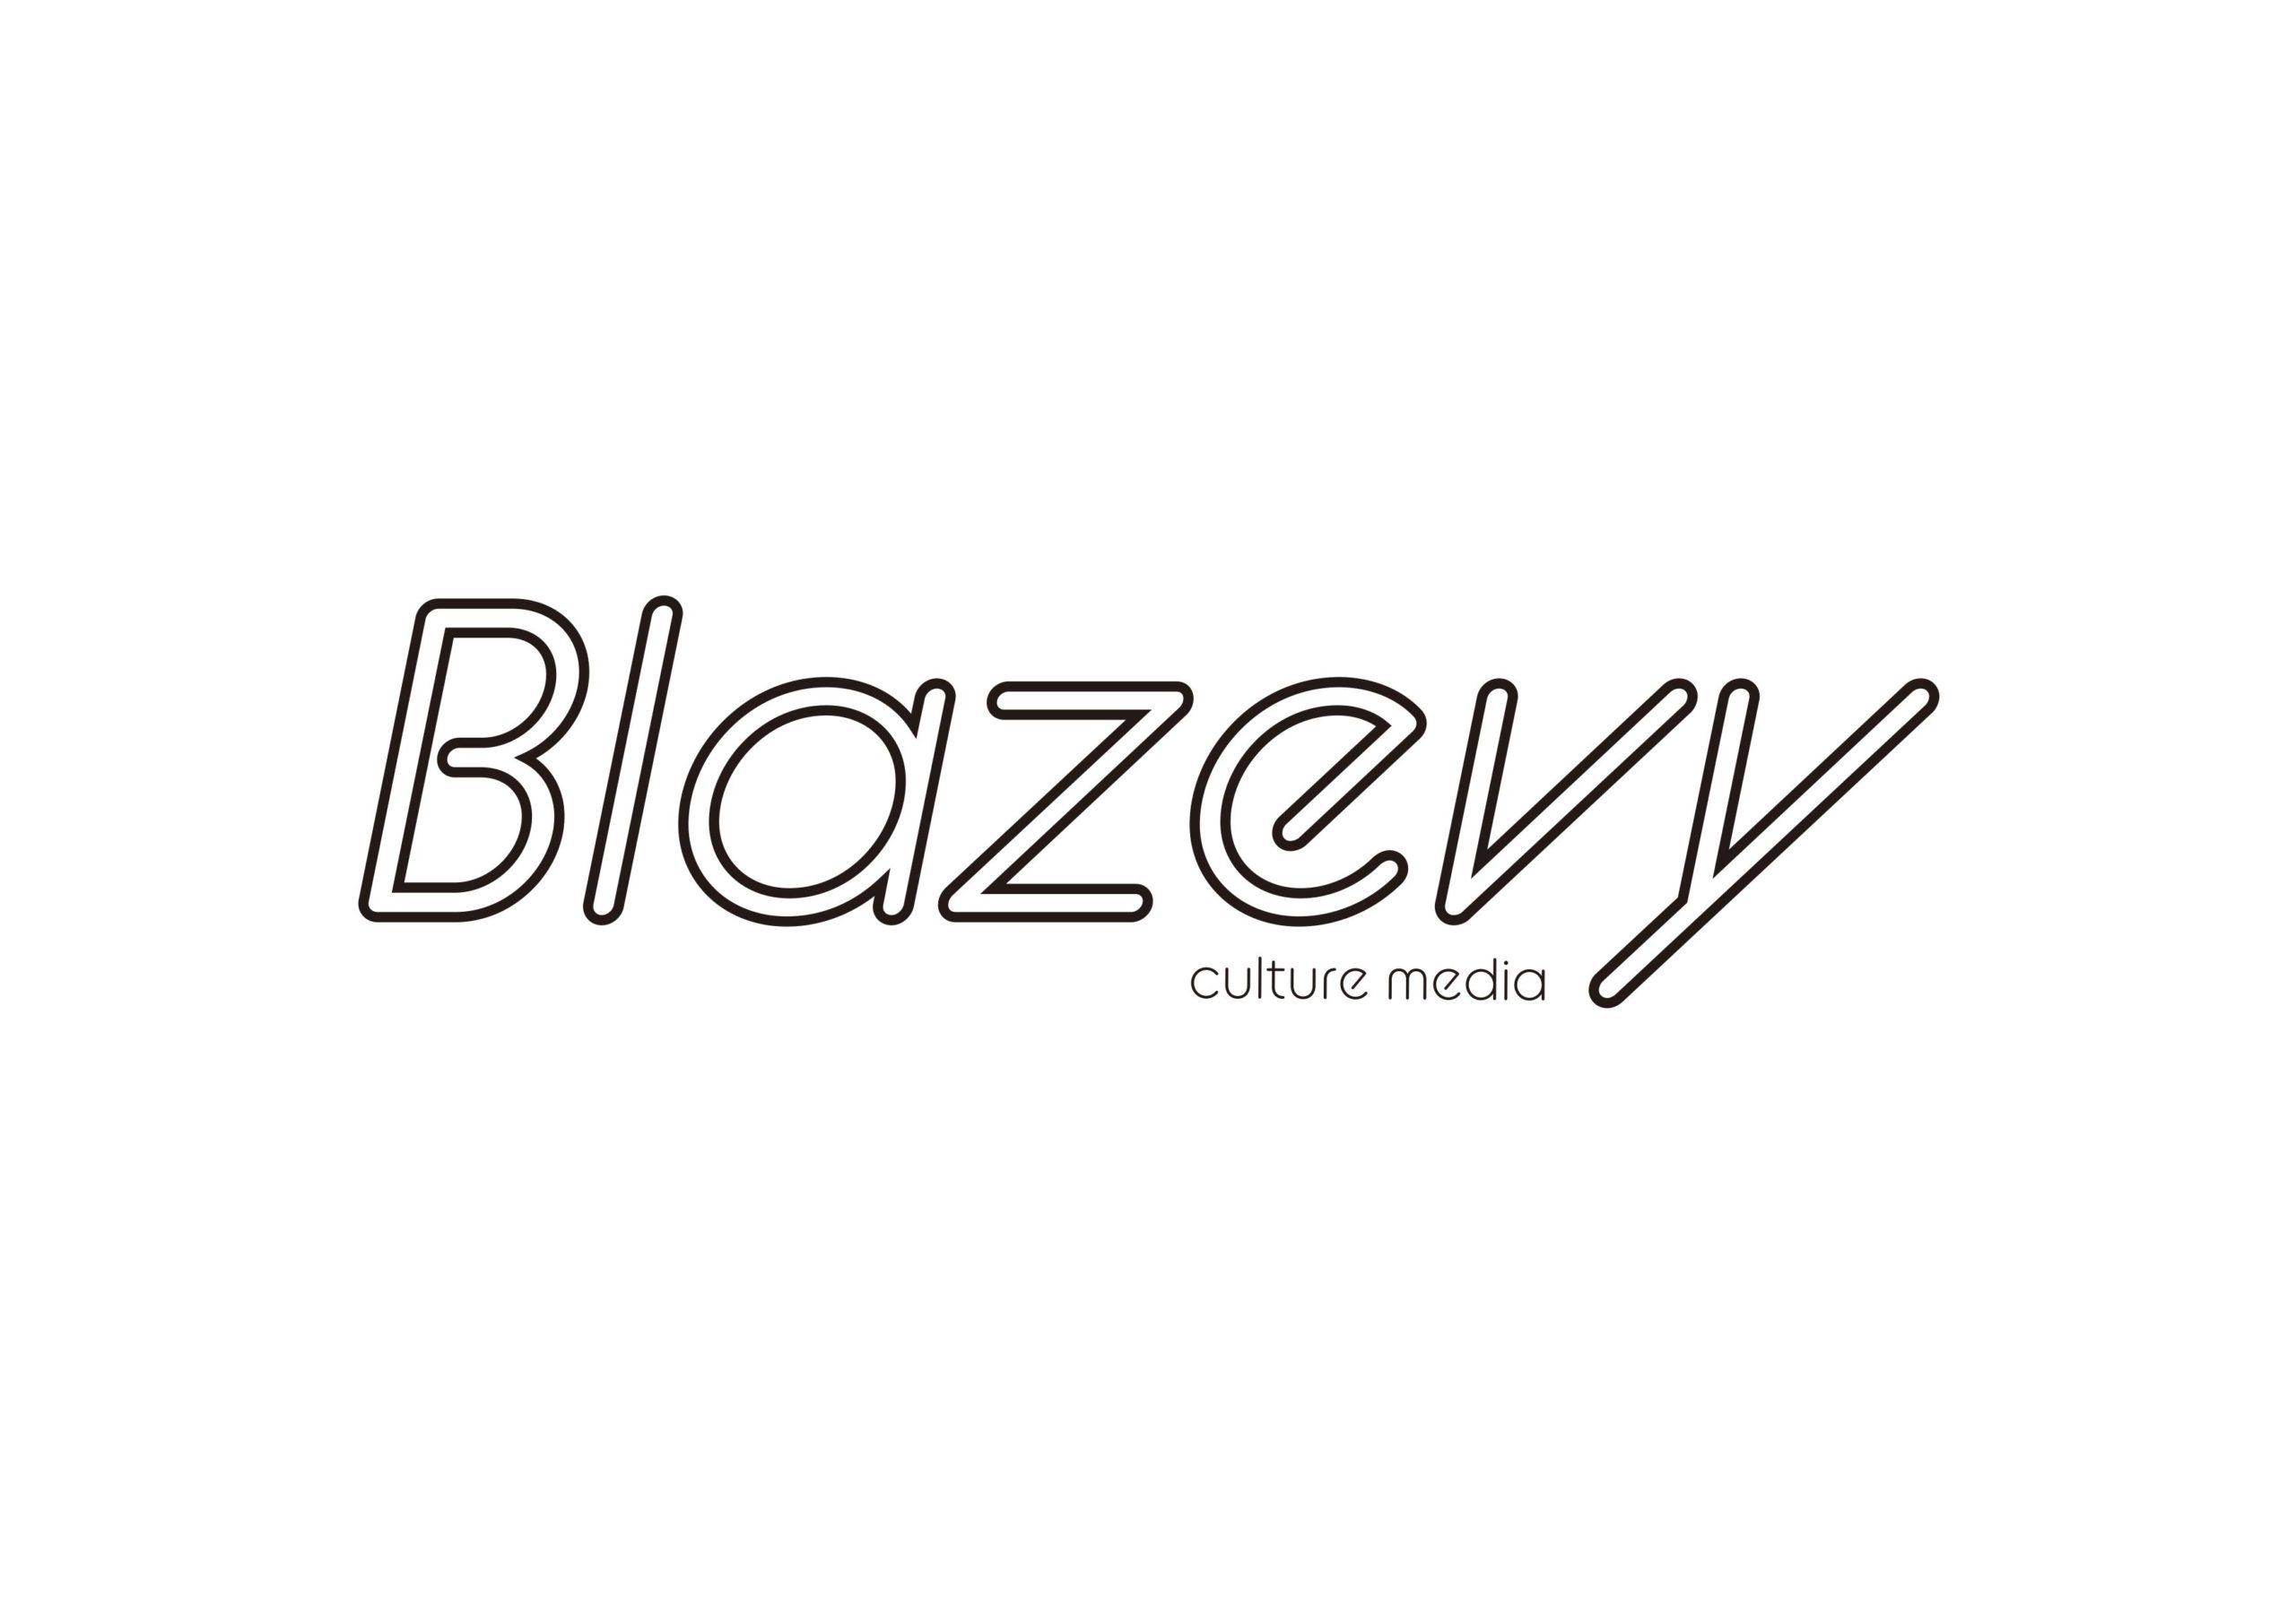 blazevy